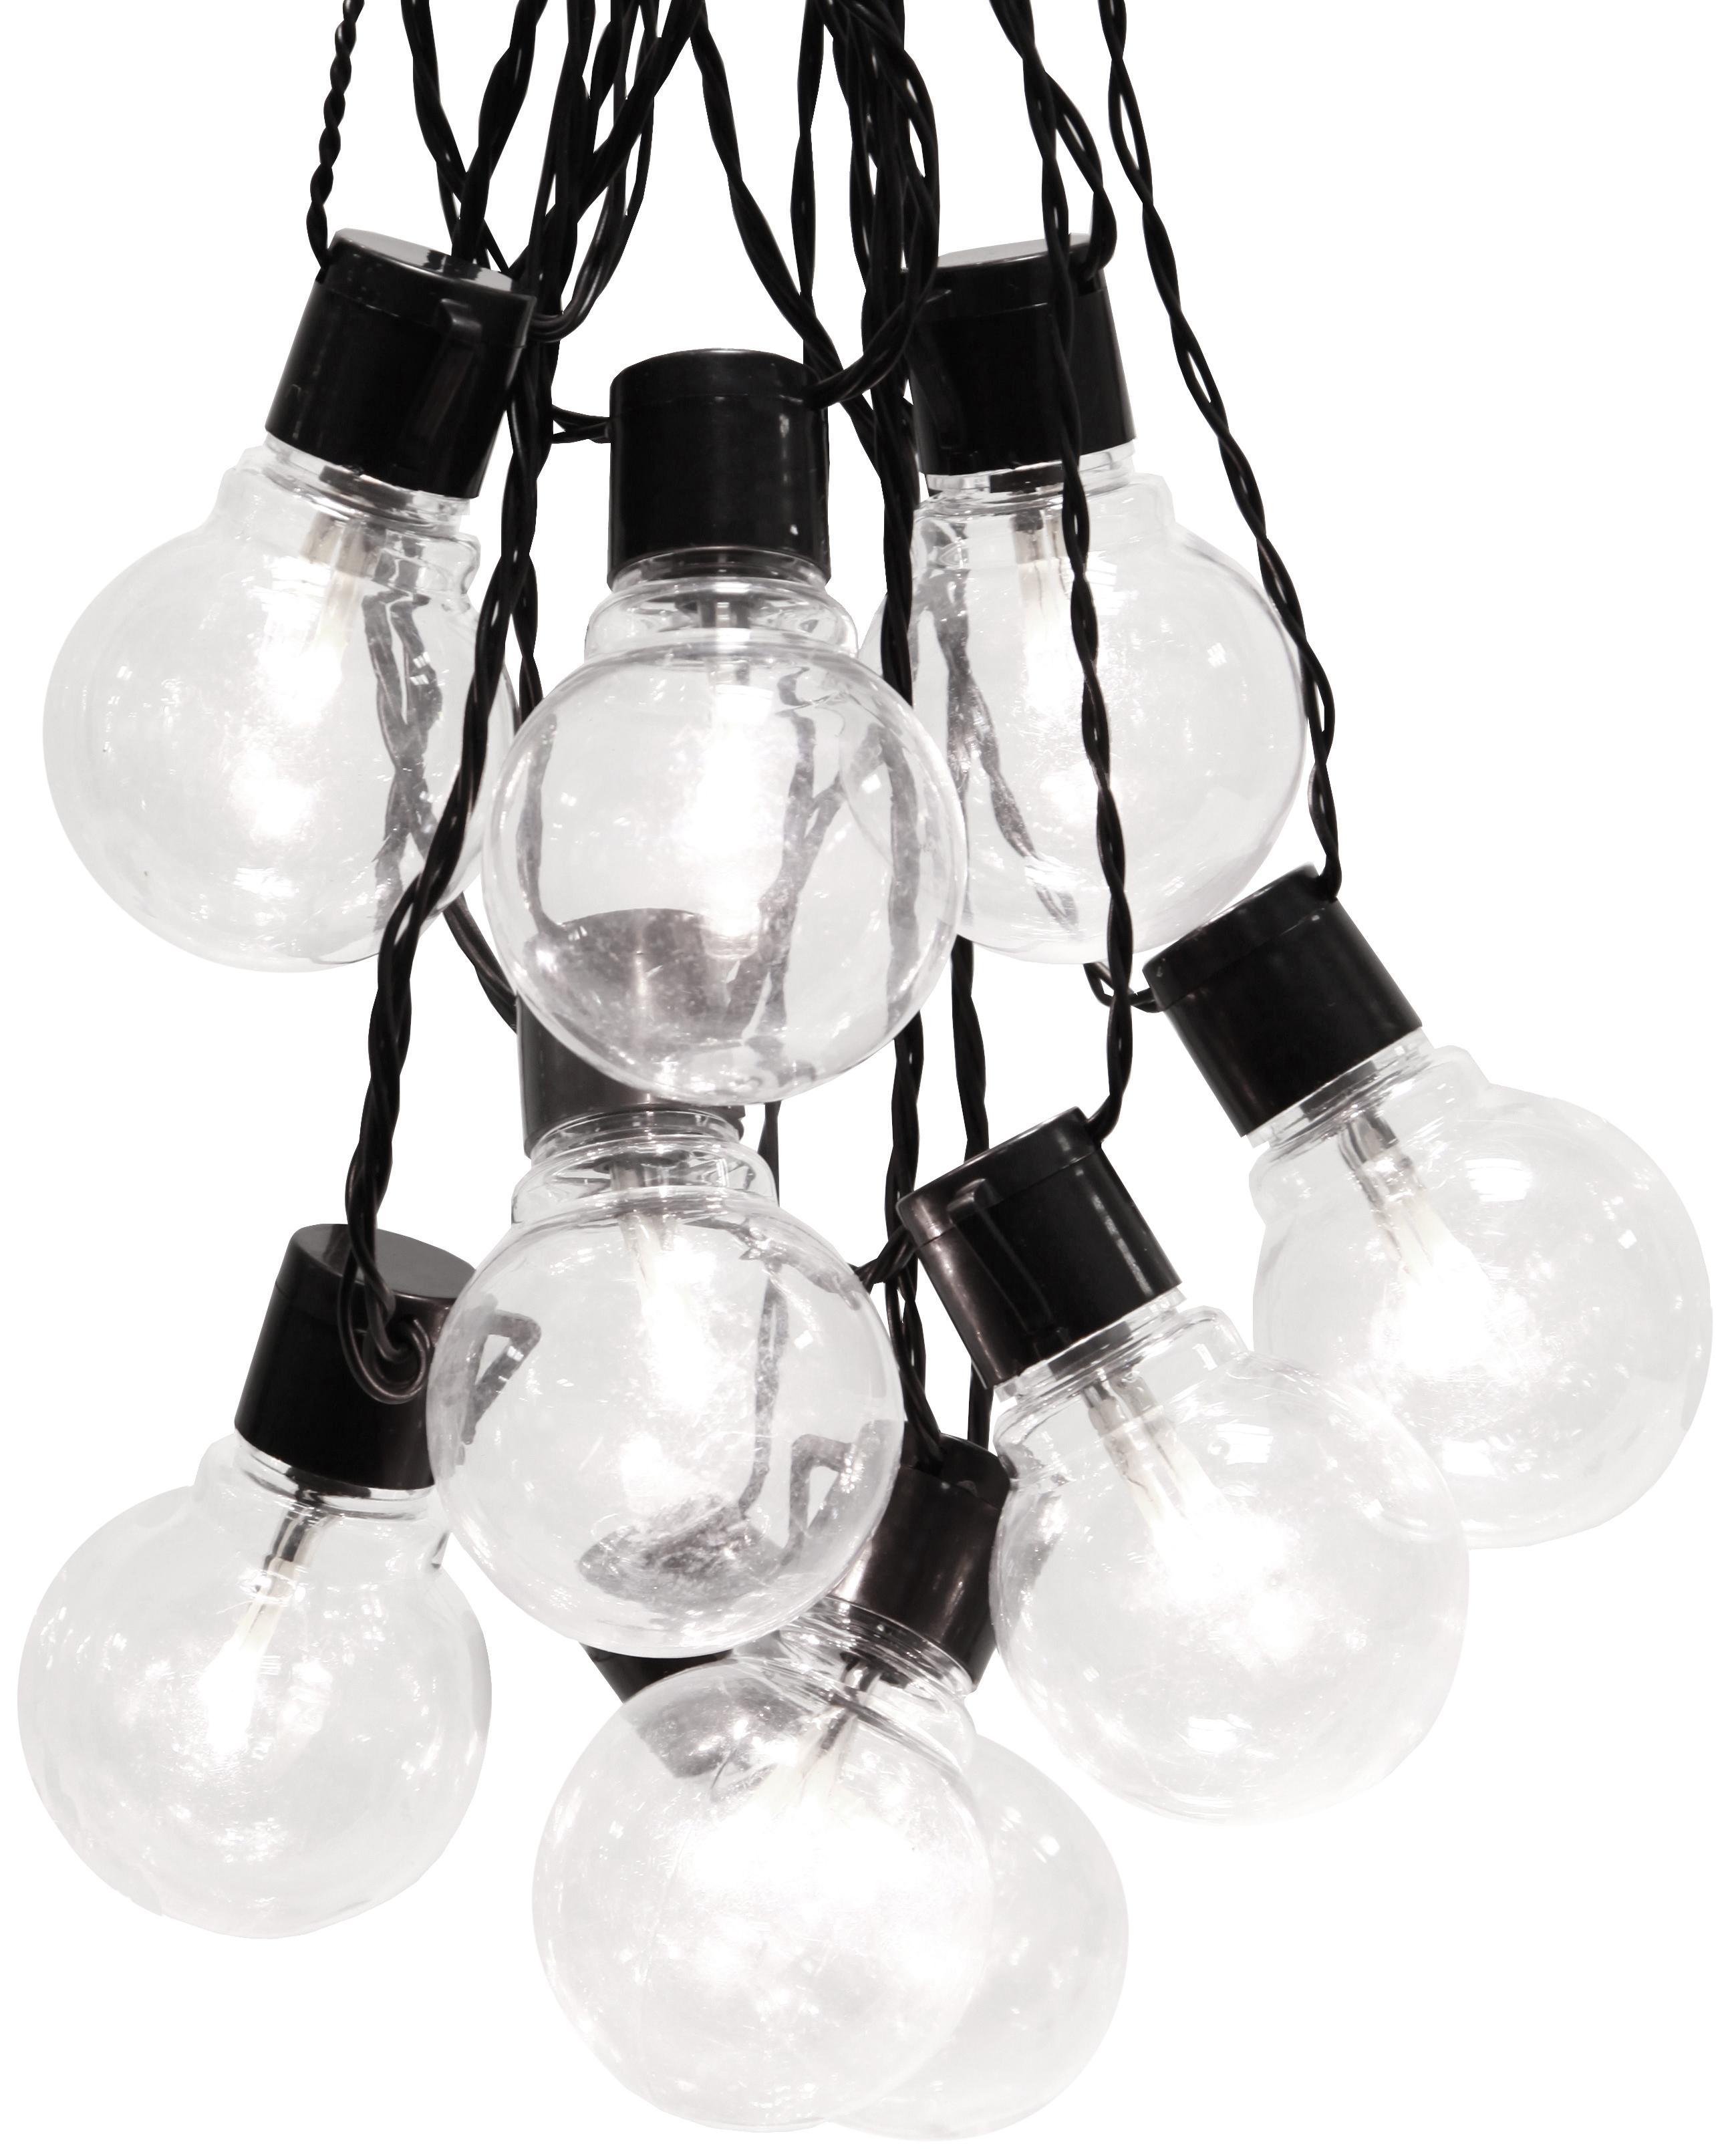 Girlanda świetlna LED Partaj, 950 cm, Czarny, D 950 cm